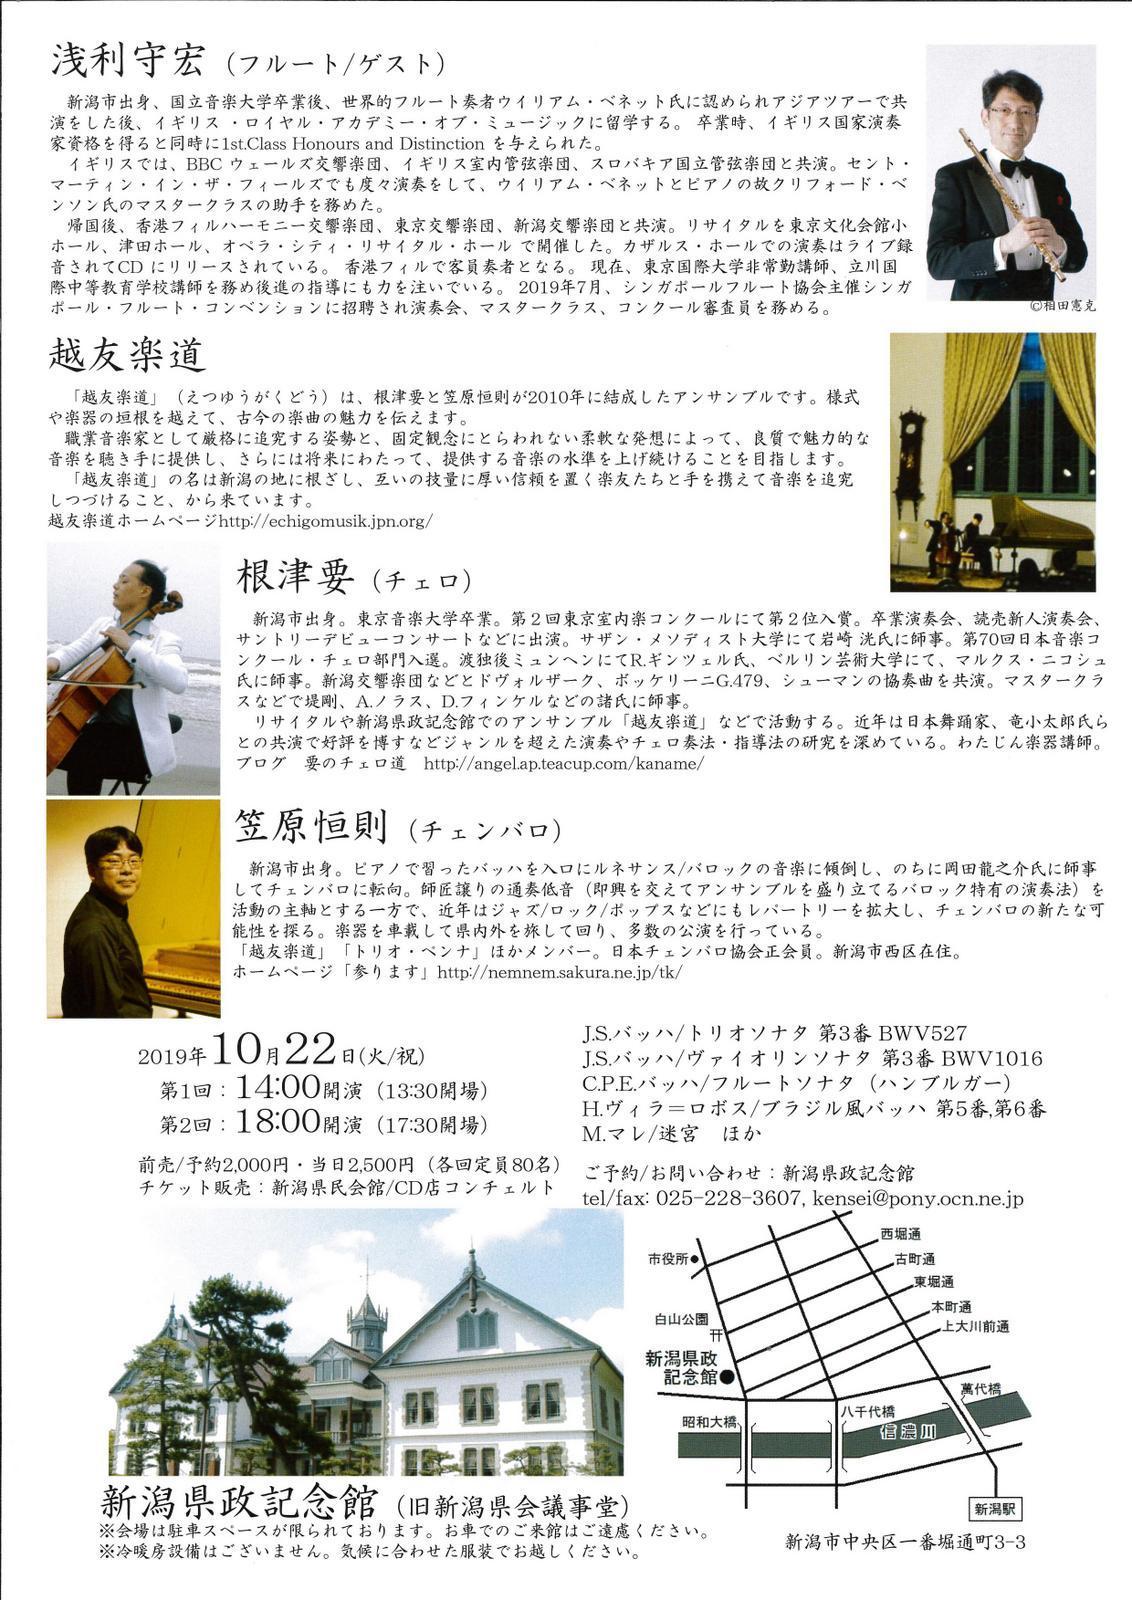 蔵織は今日から新しい展覧会スタート。_e0046190_18021304.jpg